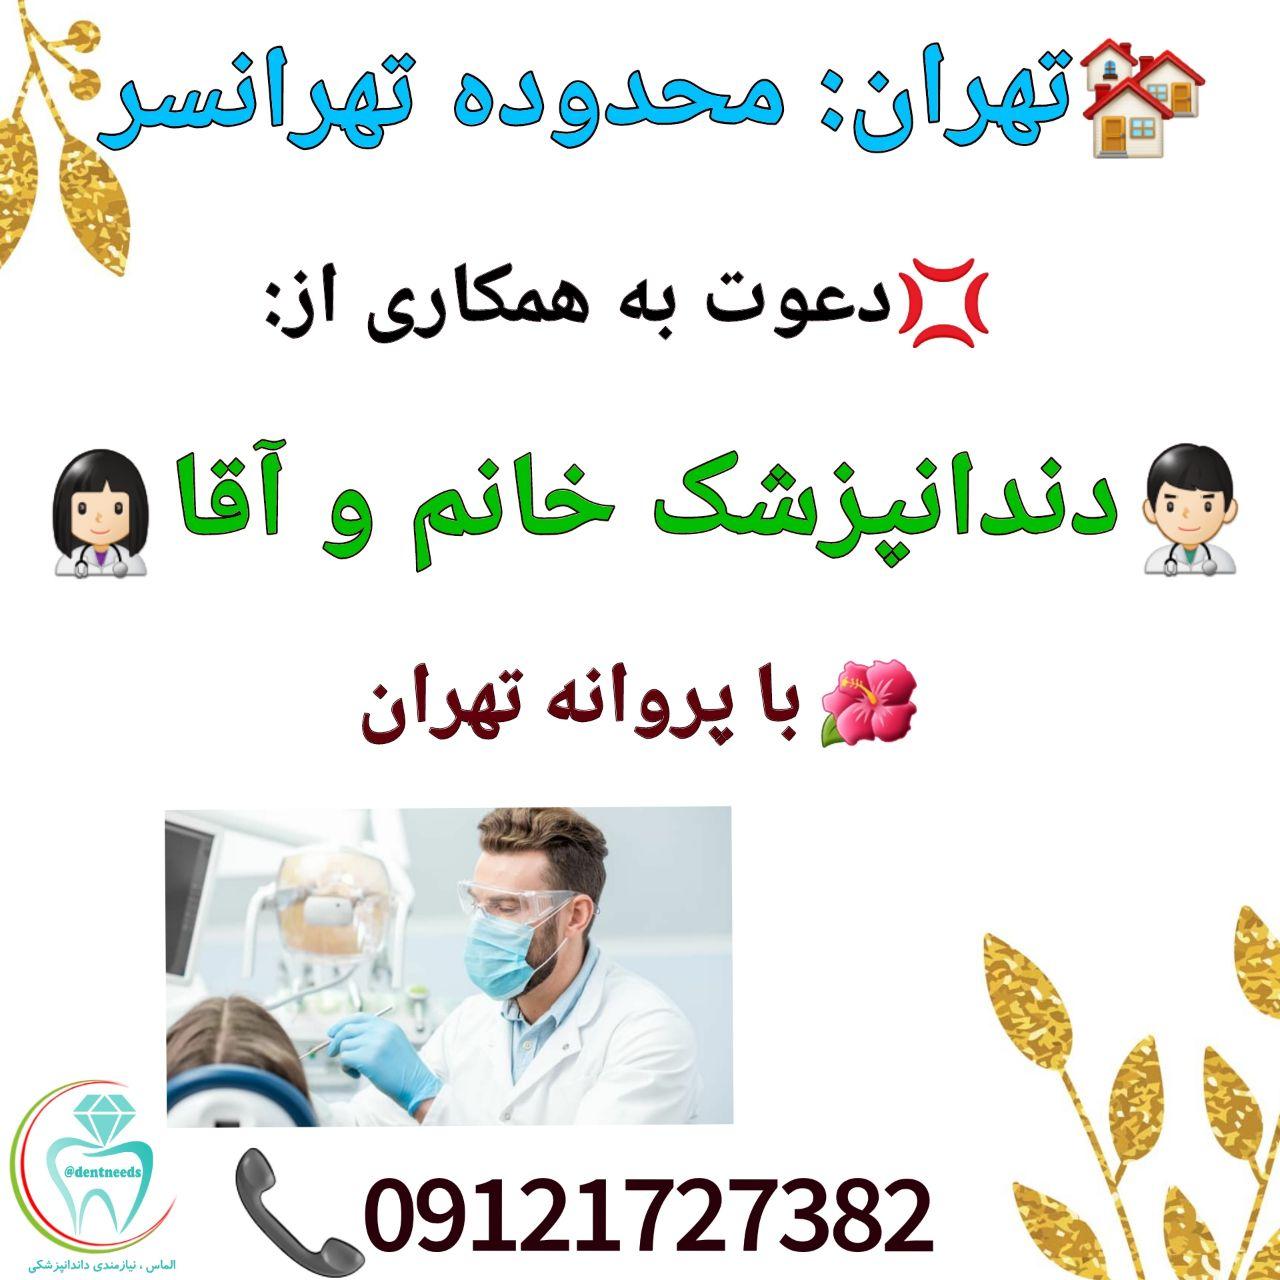 تهران: تهرانسر، نیاز به دندانپزشک خانم و آقا